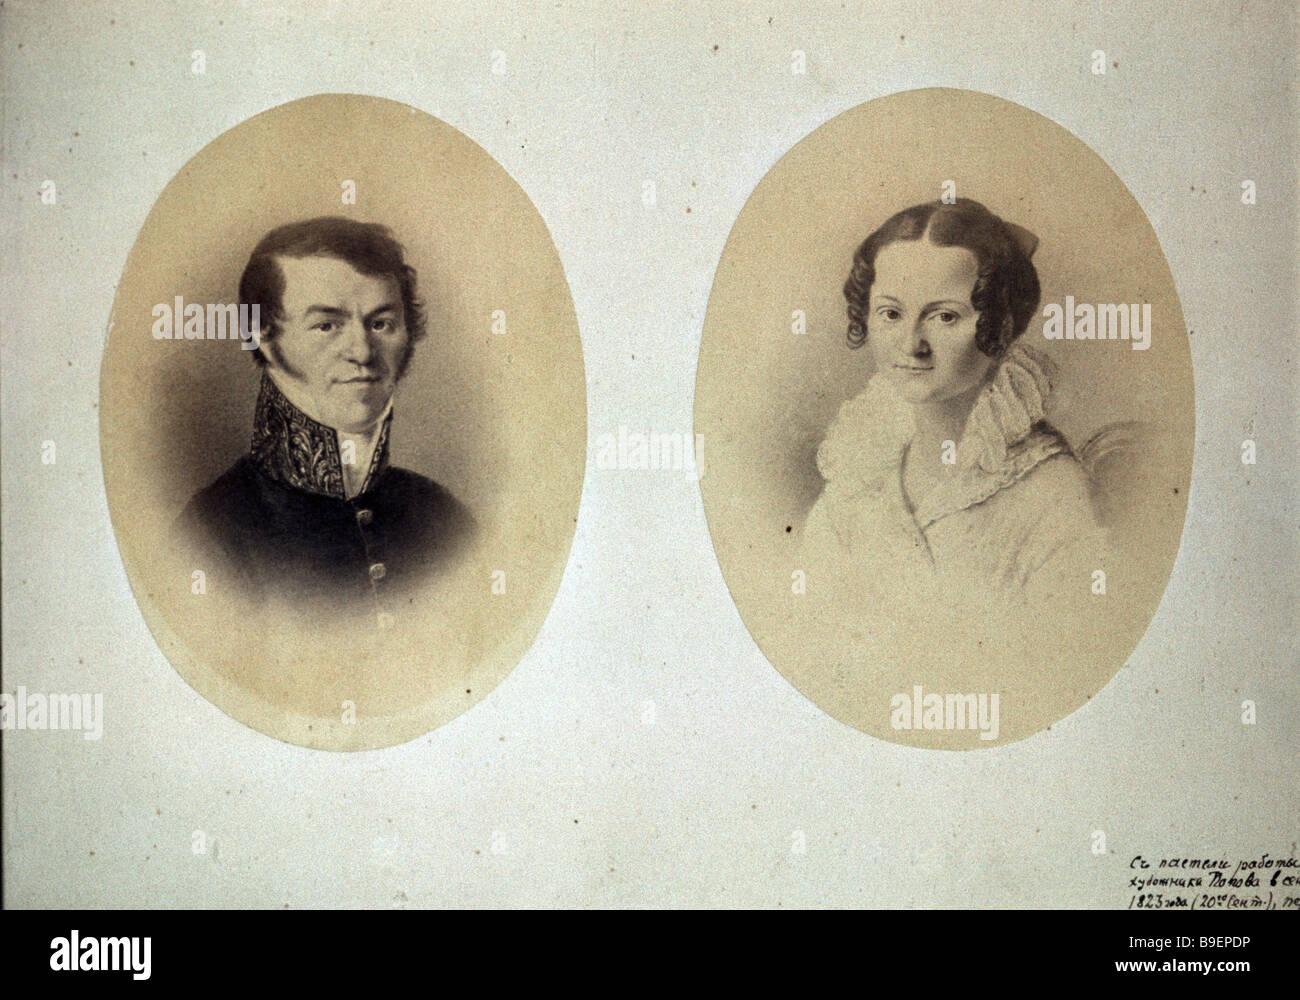 Reproduktion des Porträts von Feodor Dostoyevsky Eltern Vater Mikhail und Mutter Maria Stockbild